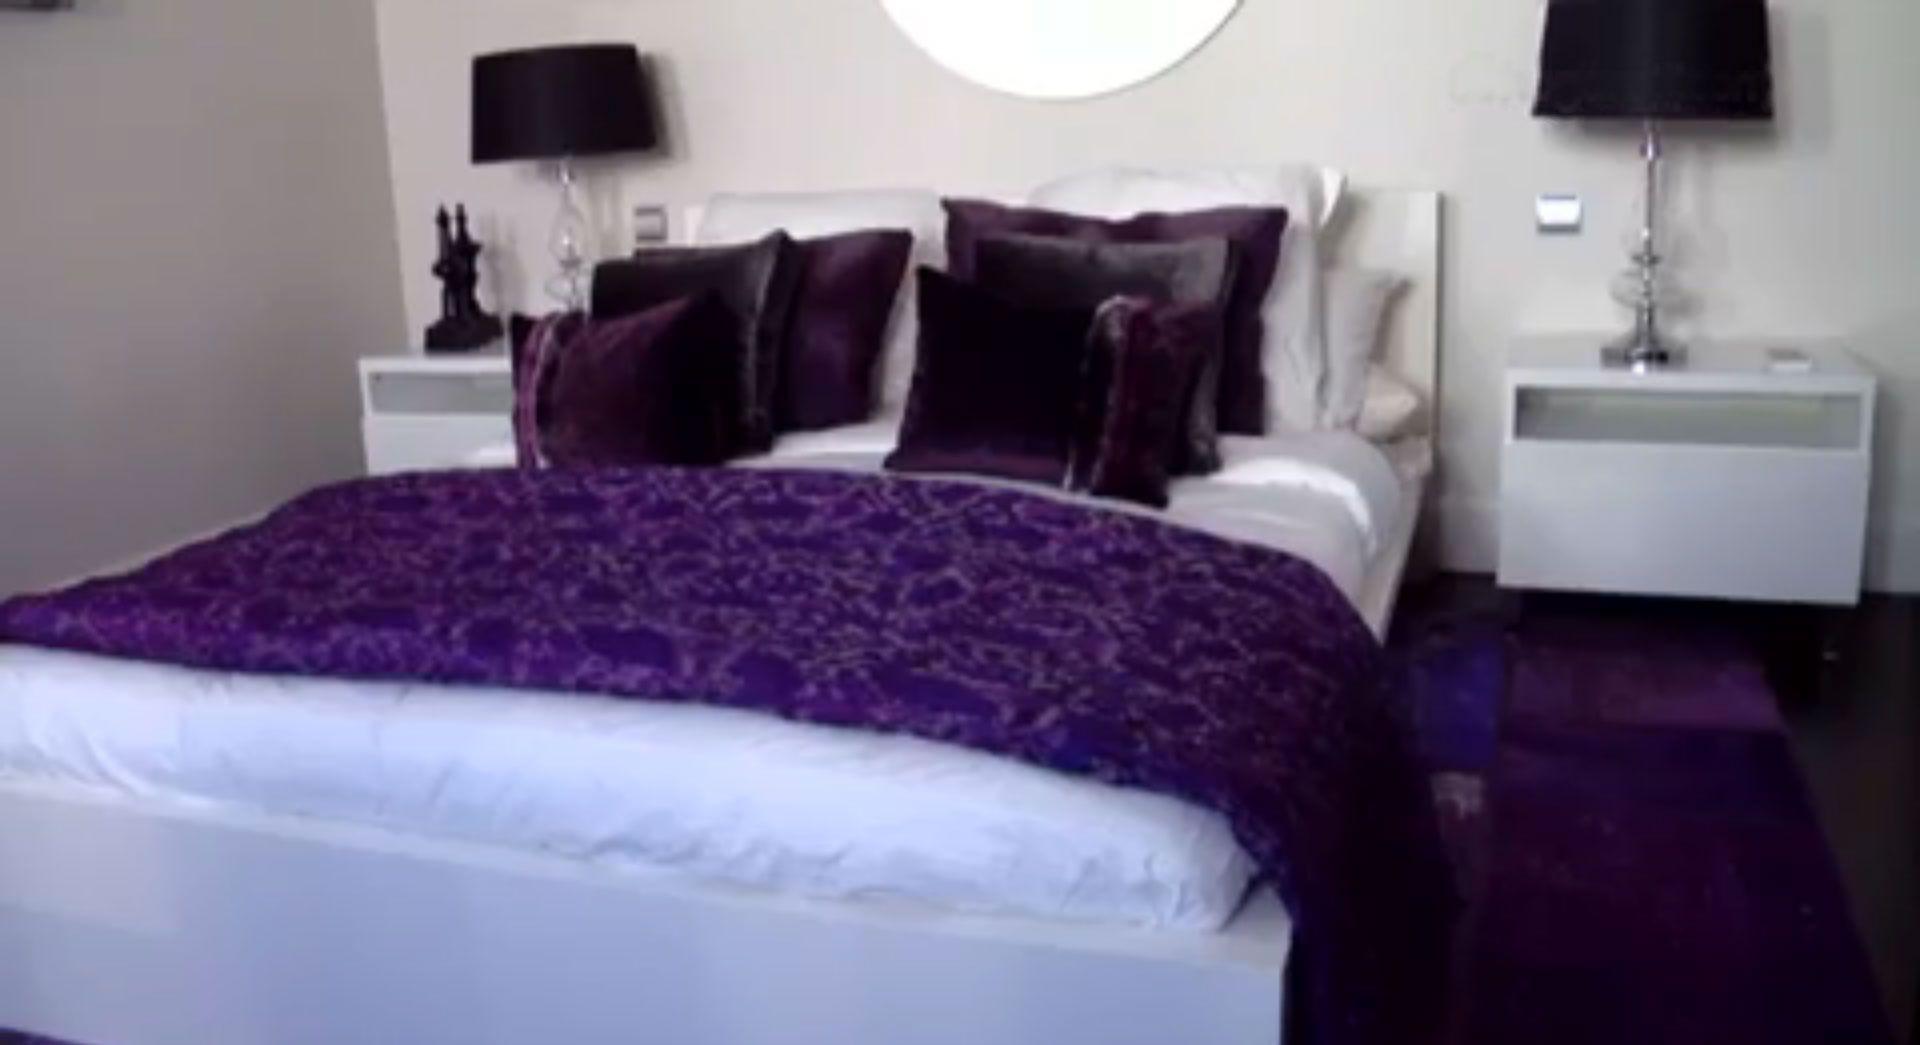 Decoraci n glamurosa con toques tnicos hogarmania for Hogarmania com decoracion